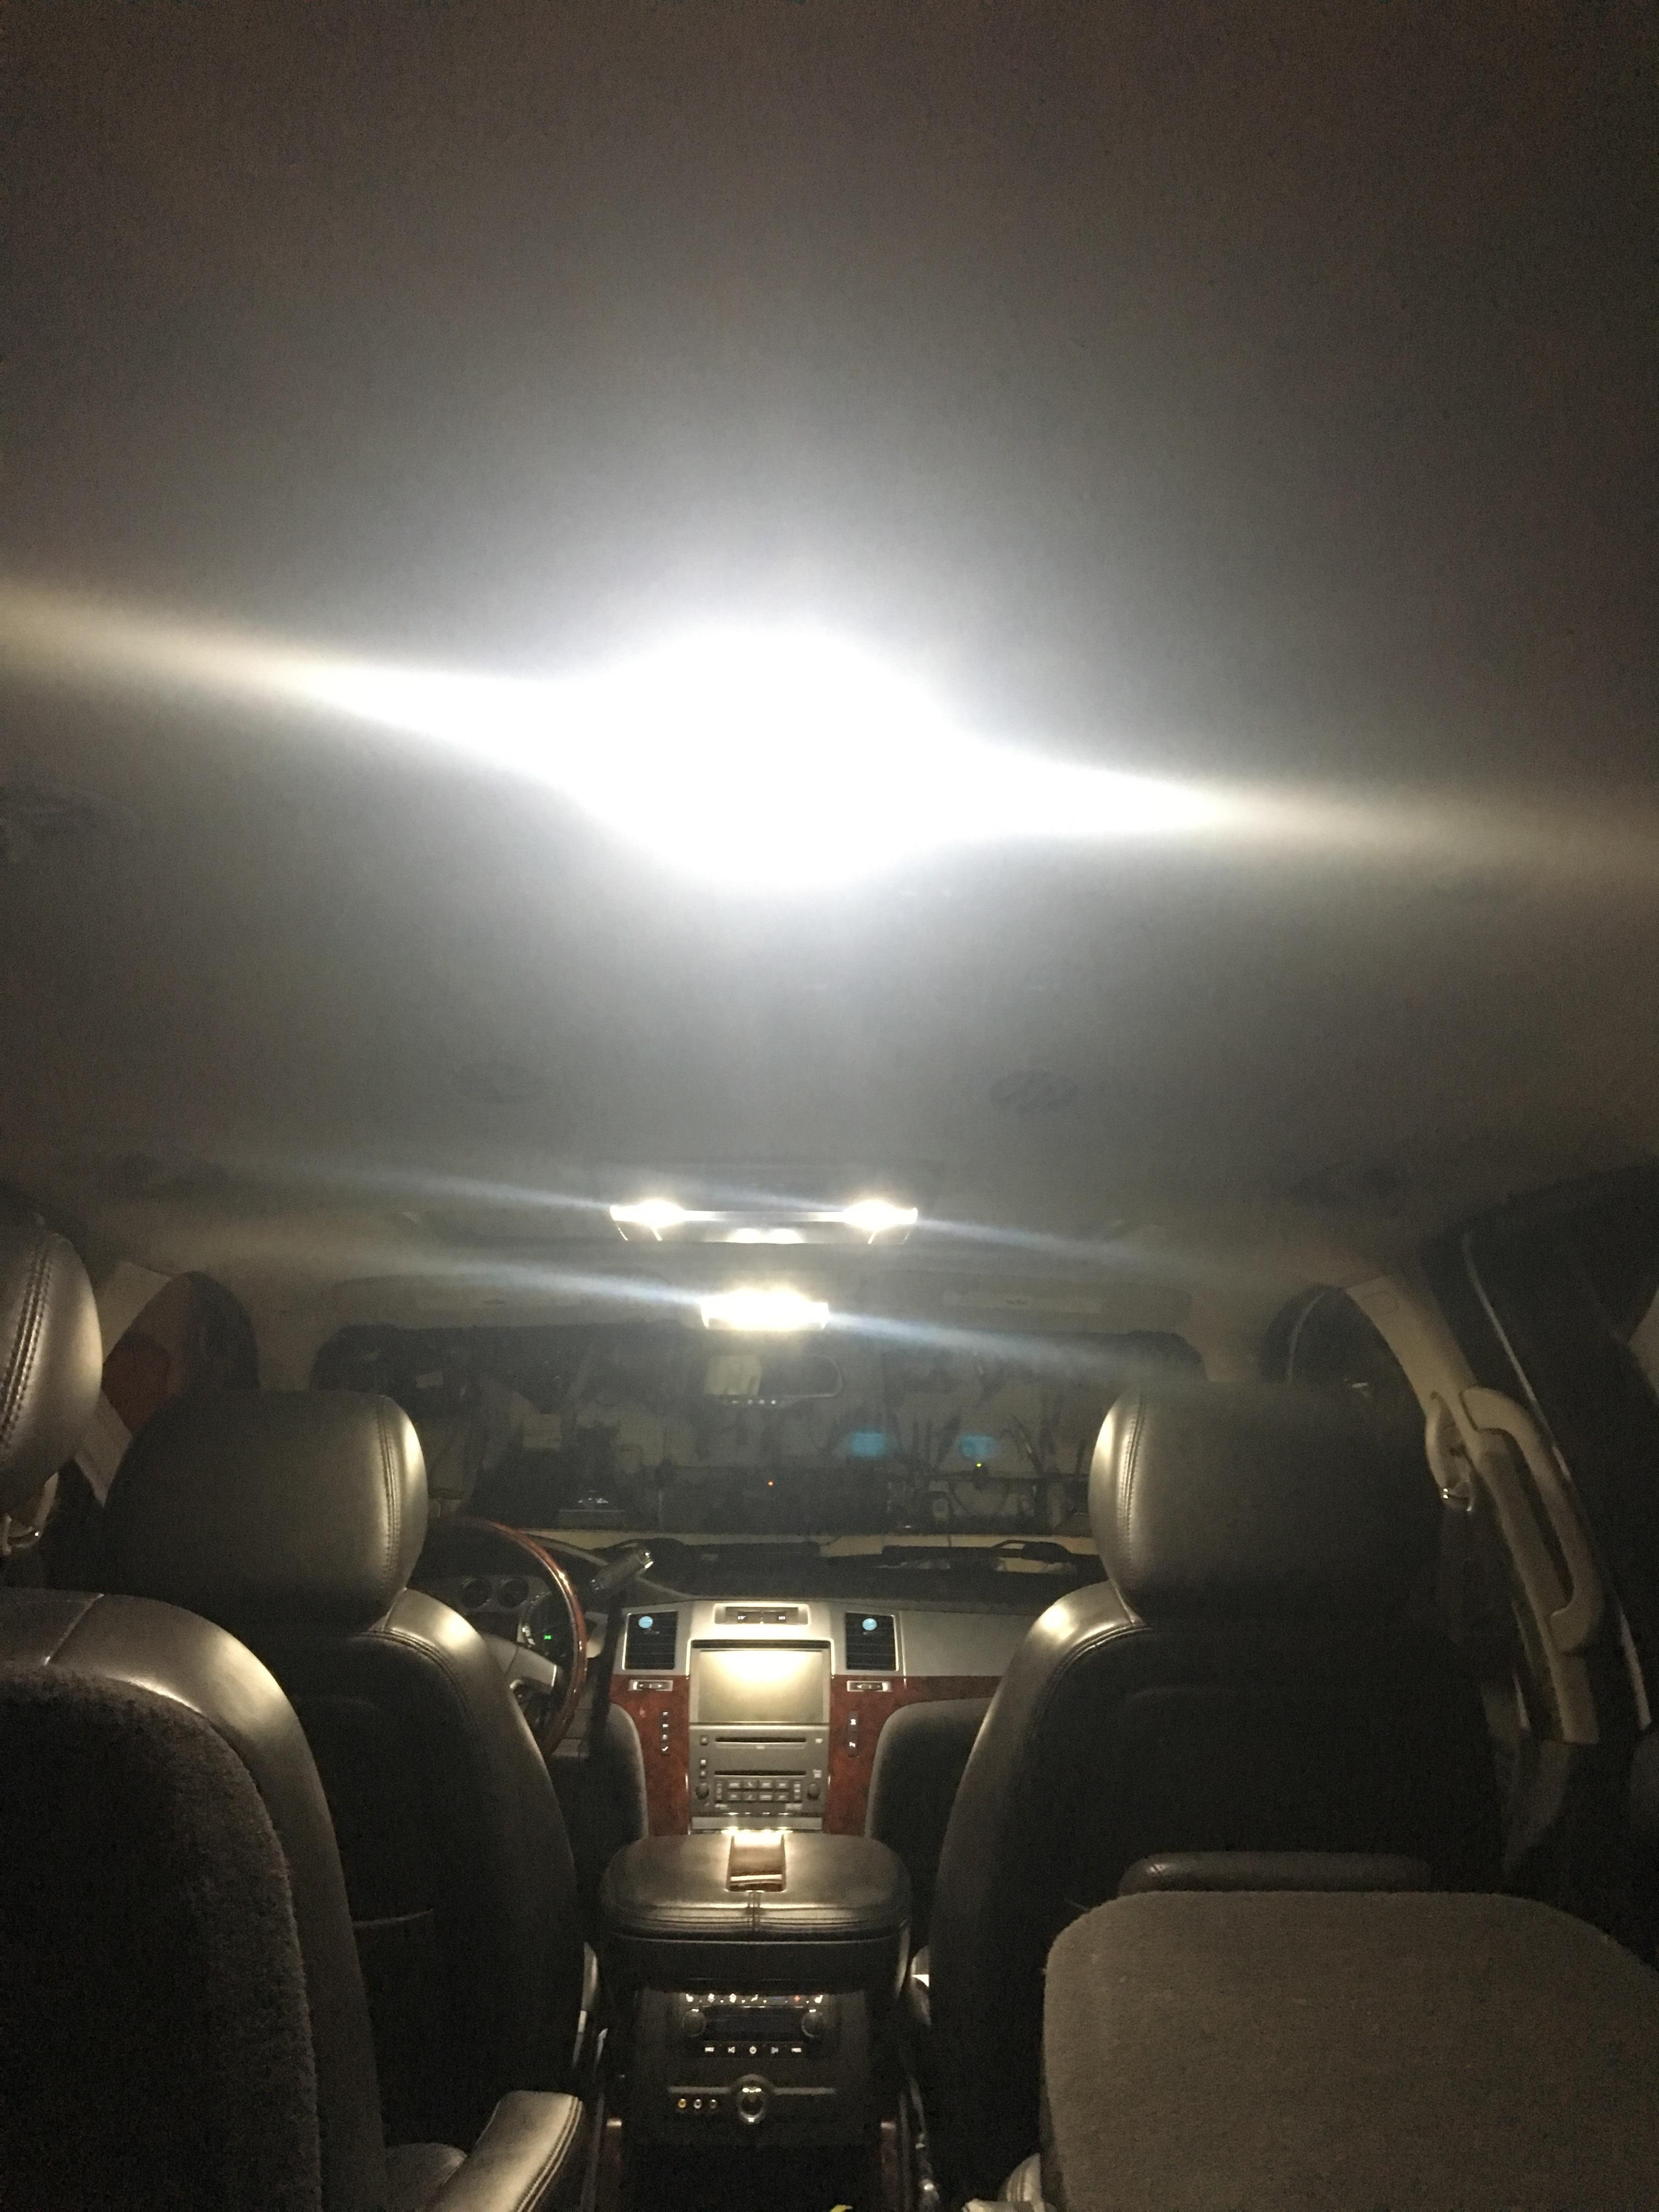 TOOL 8 x White LED Interior Lights Package For 2013-2018 Subaru XV Crosstrek